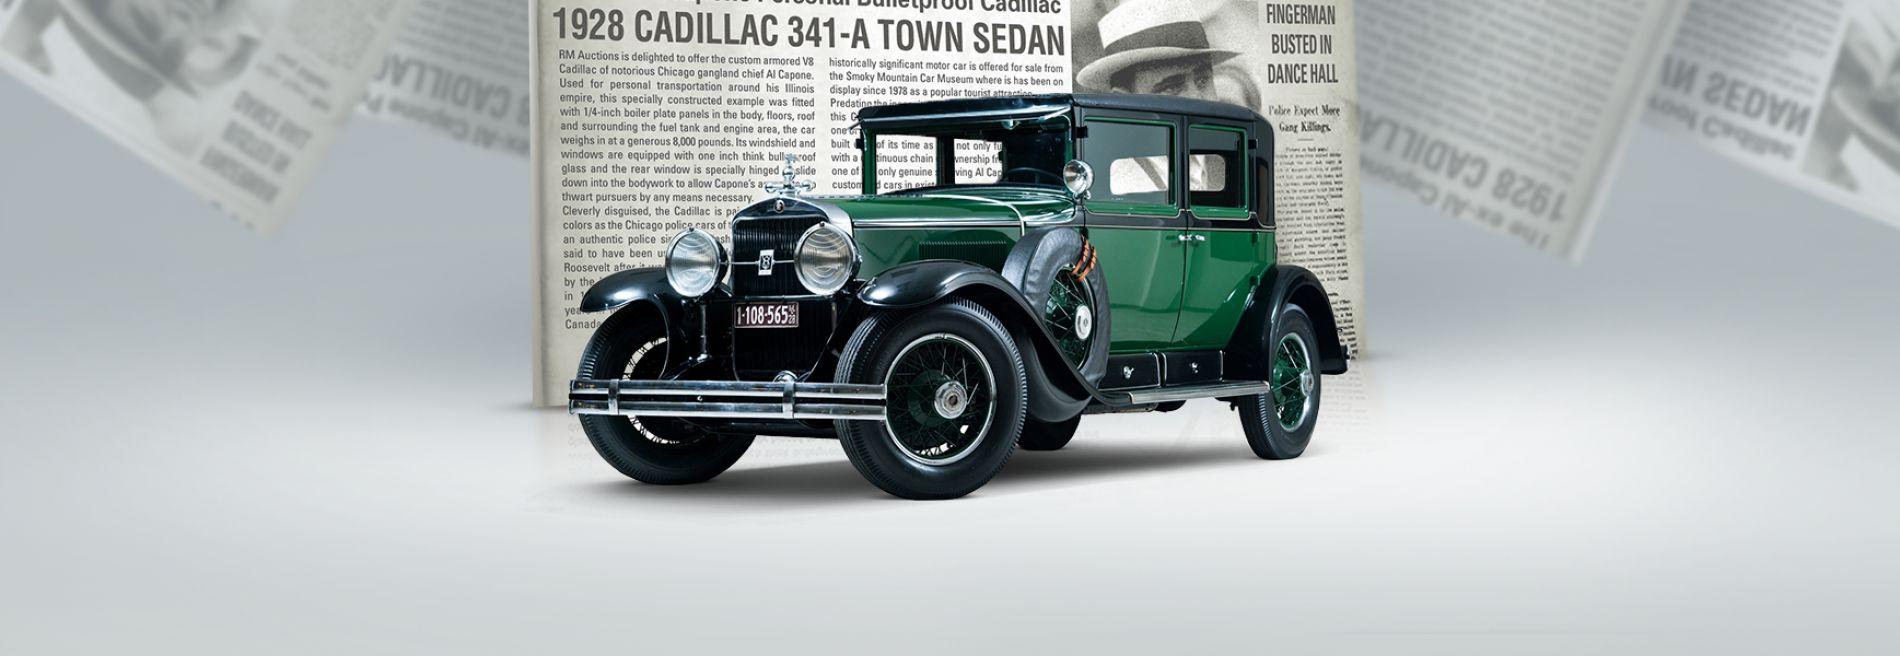 $1 მილიონ დოლარად შეფასებული Al Capone-ს მანქანა